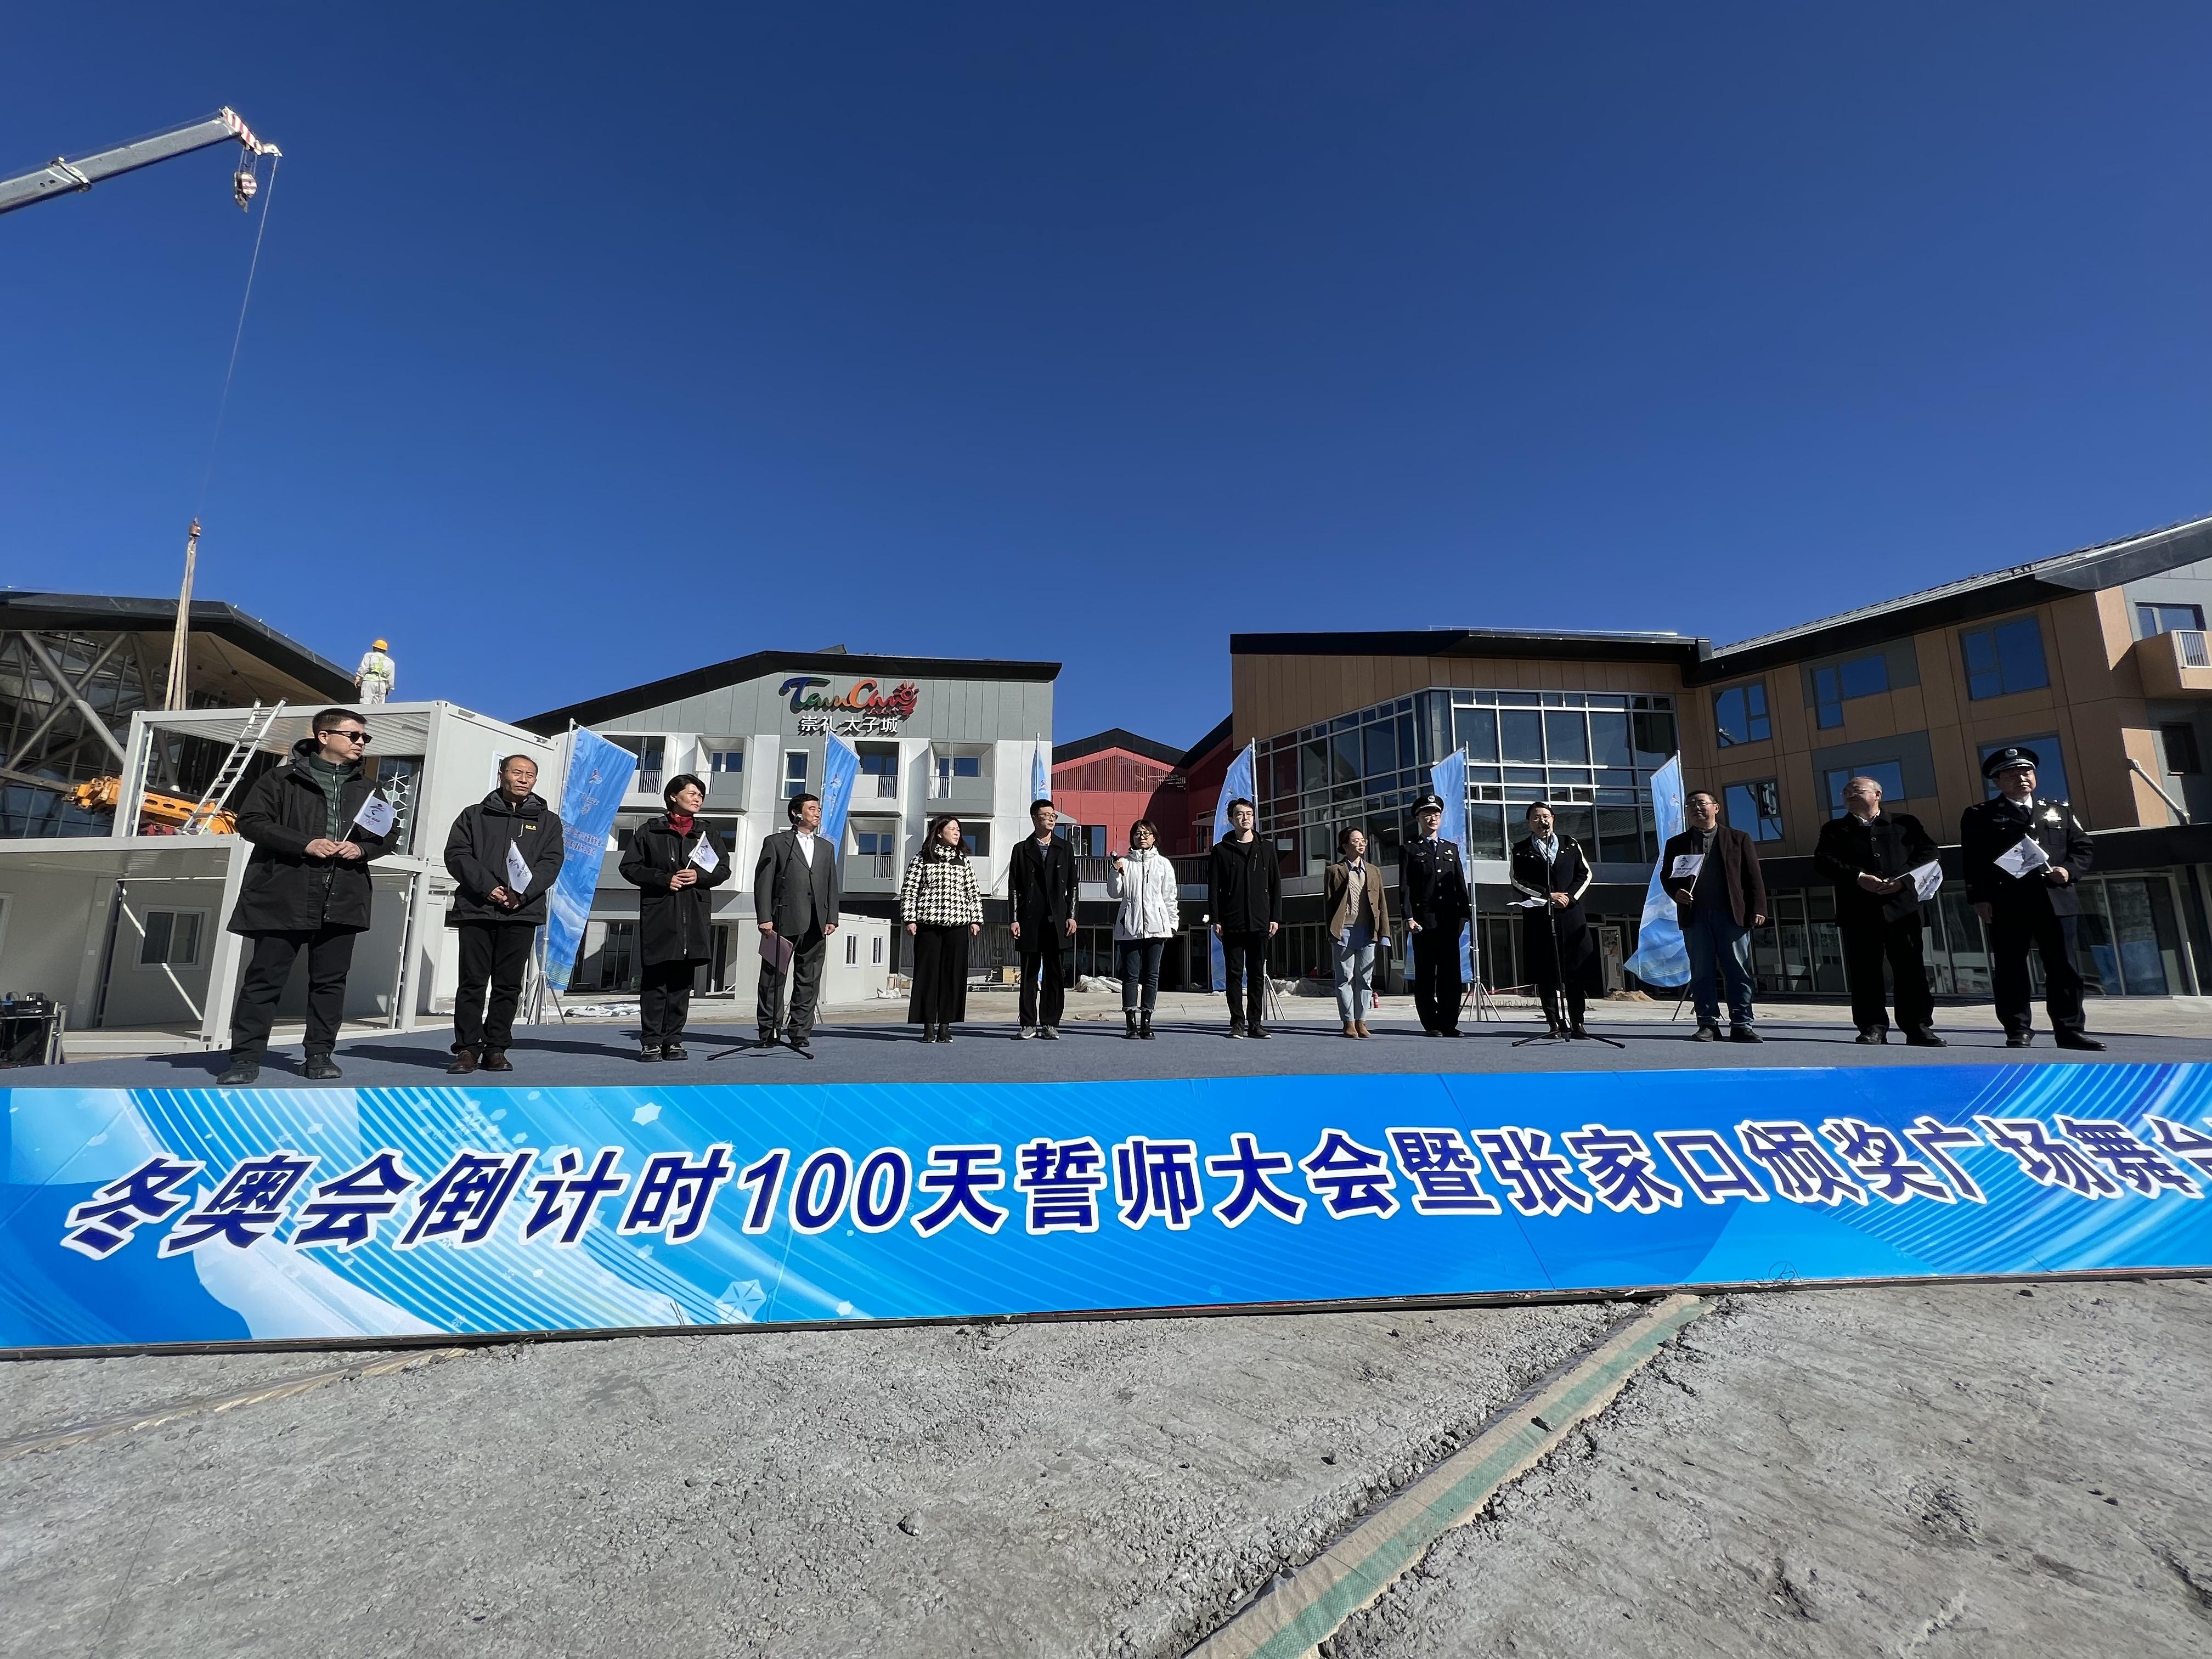 冬奥倒计时100天 张家口赛区颁奖广场舞台开始搭建